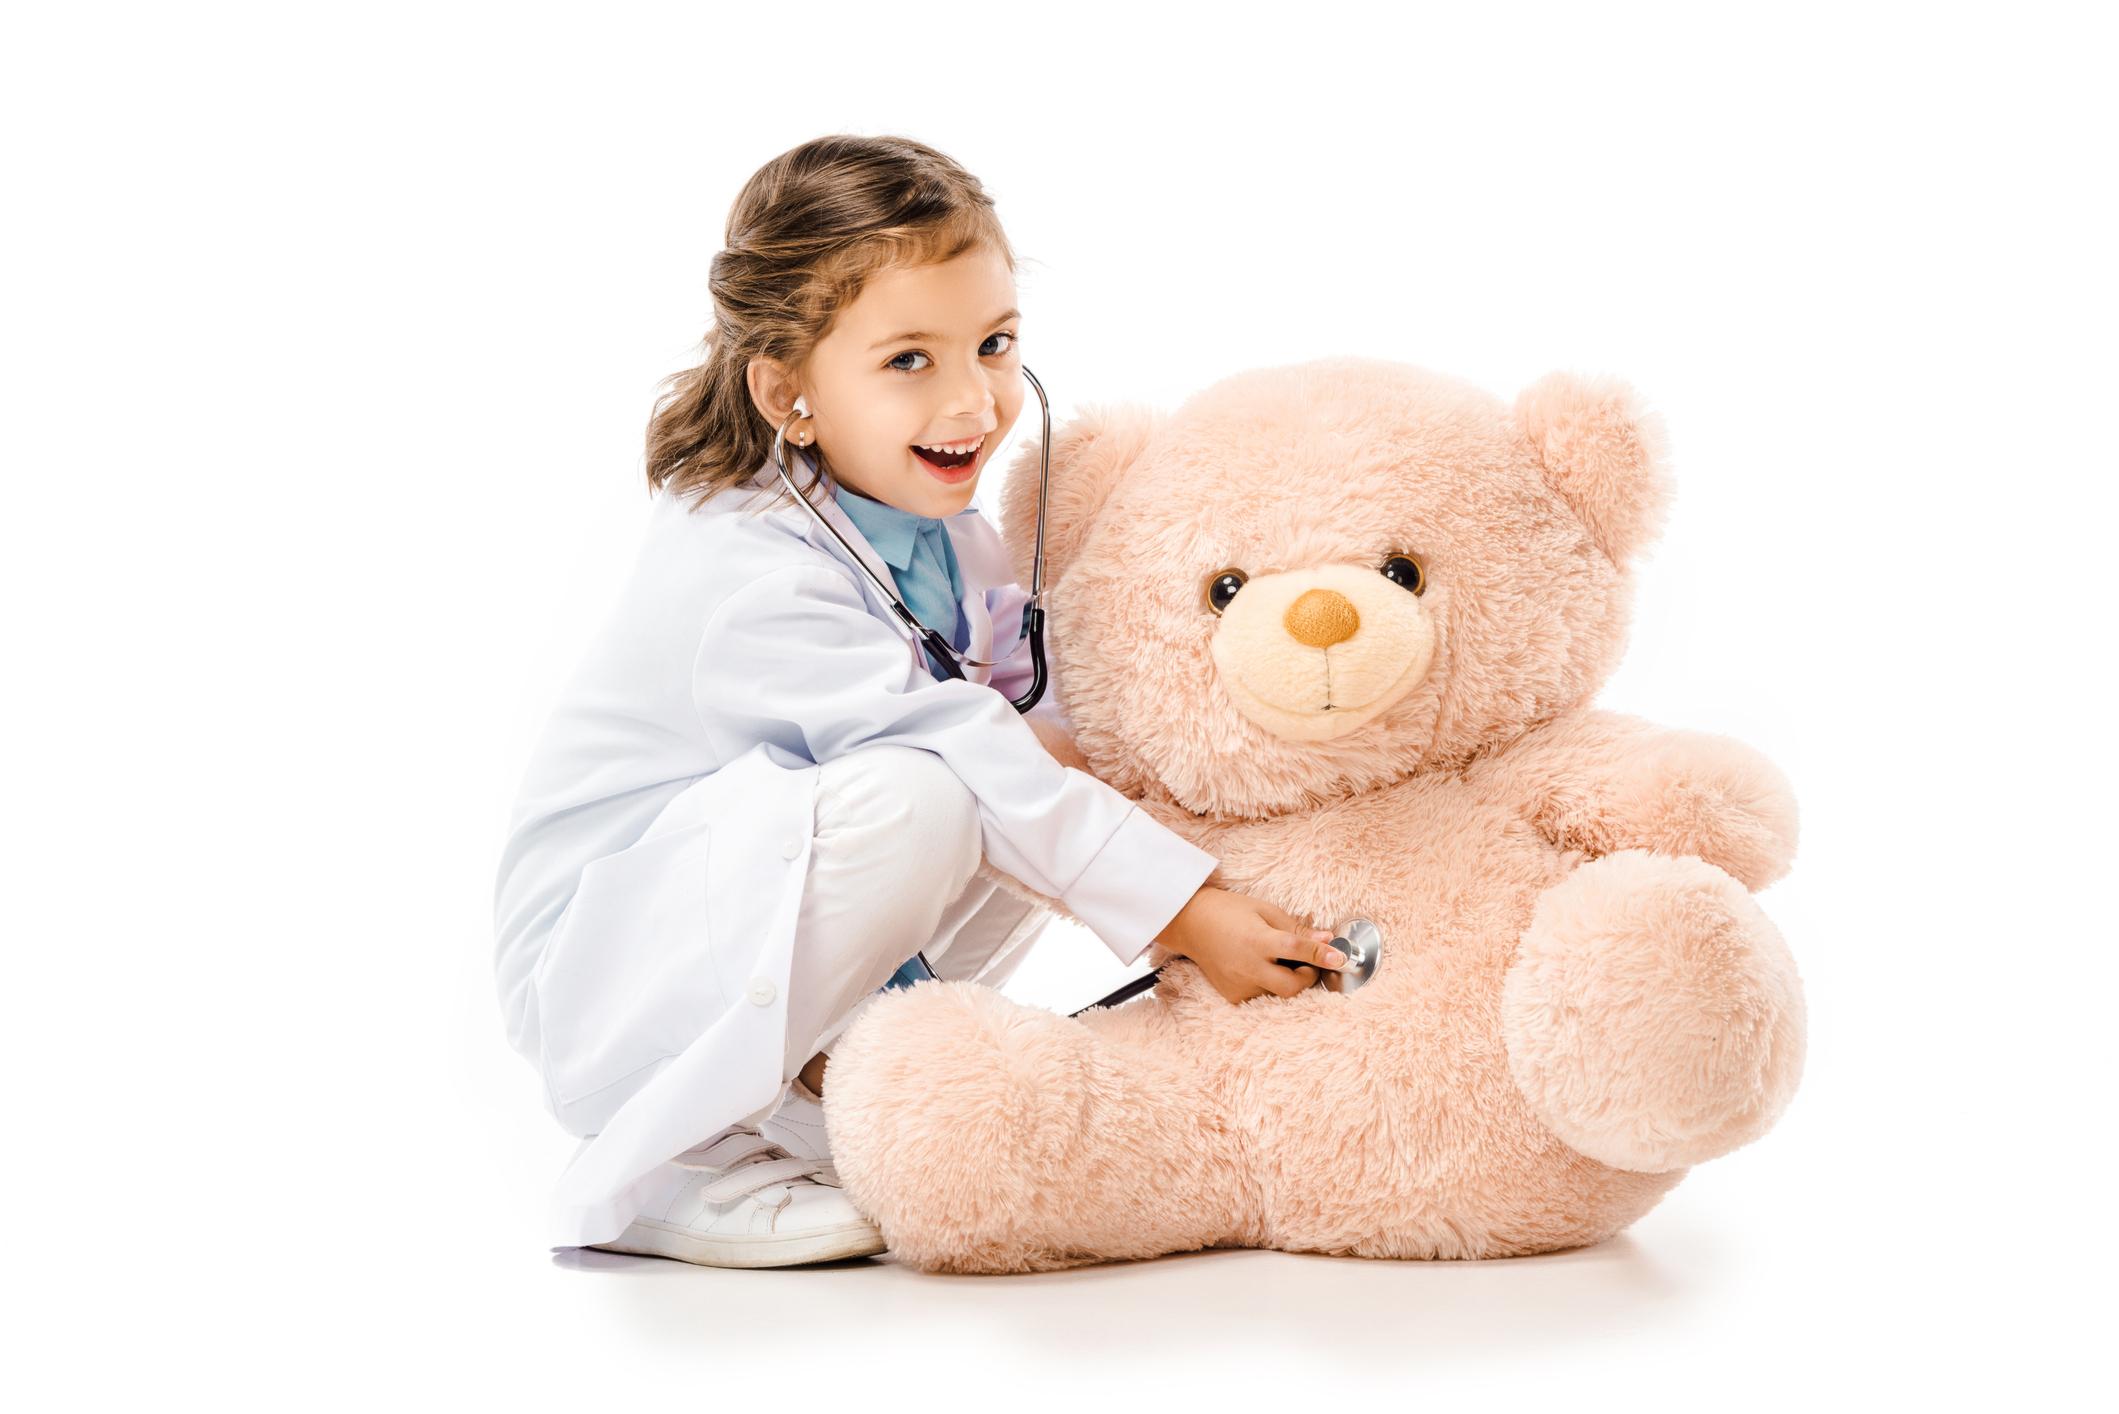 Kid listening to a stuffed teddy bear's heart.